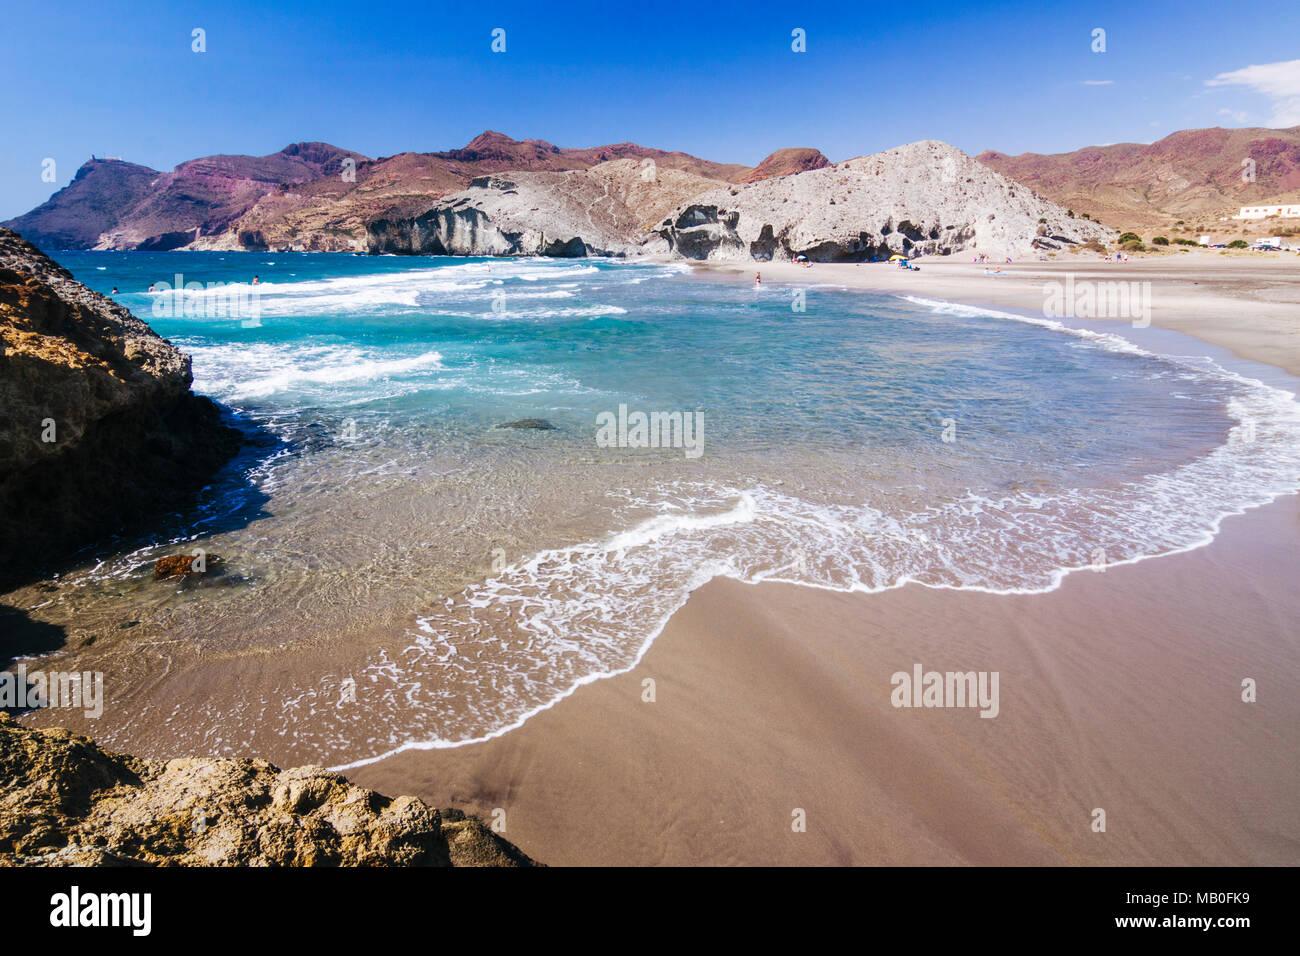 Le parc naturel de Cabo de Gata-Nijar, la province d'Almeria, Andalousie, Espagne: déserté Monsul beach près de San José village. Photo Stock